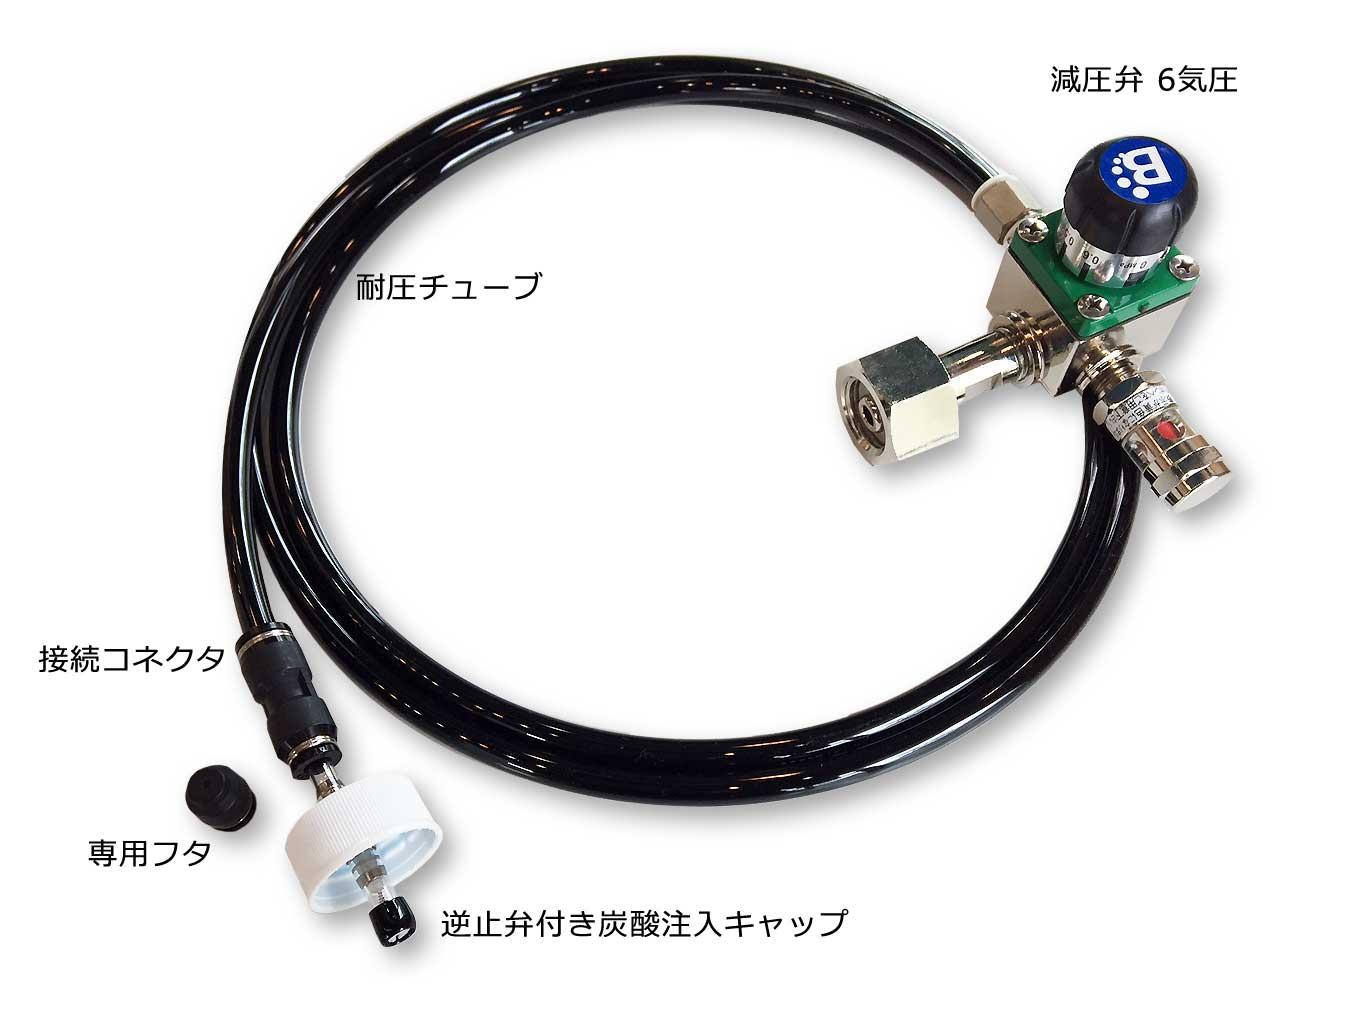 炭酸水製造・炭酸サーバー だれでも炭酸水「Beeタン」炭酸ガス注入セット オリジナル減圧弁6気圧 キャップ3個セット(ミドボン・炭酸ガスボンベにセット・炭酸水サーバー・炭酸風呂)